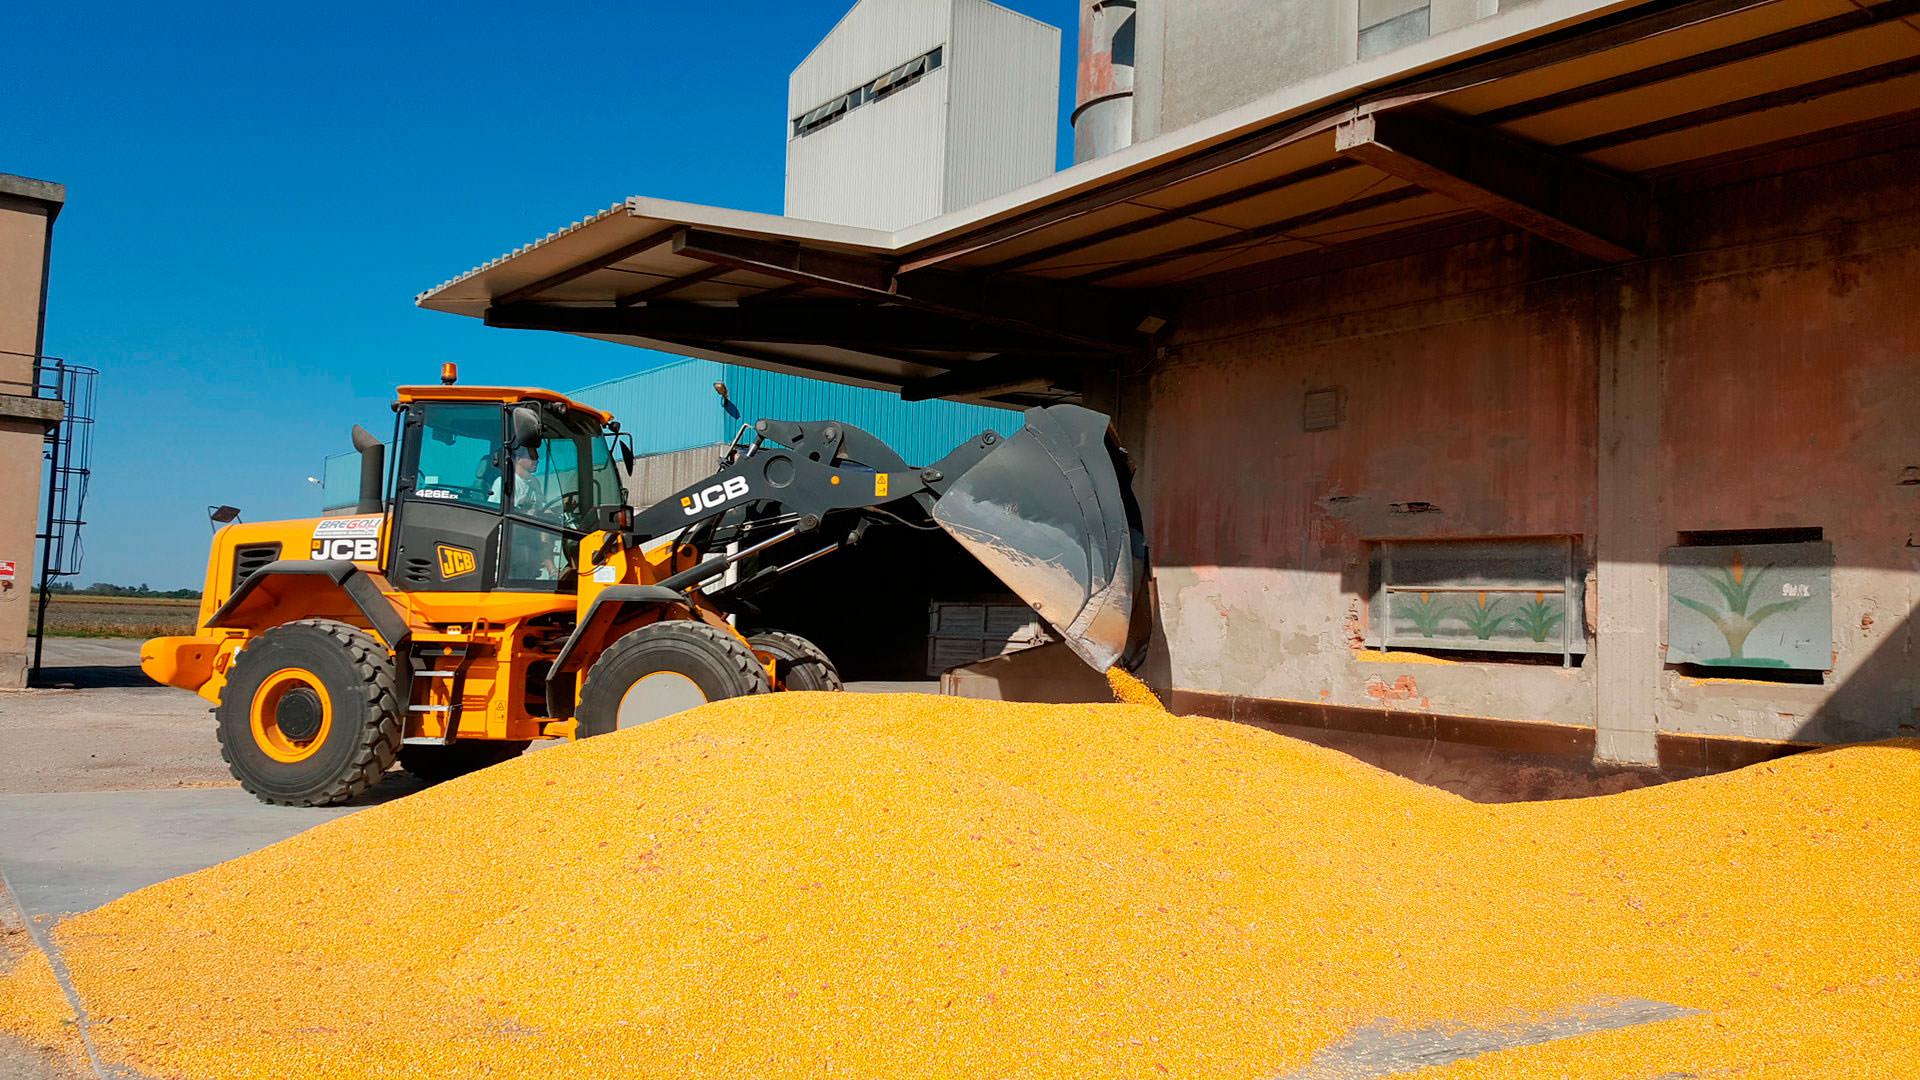 Cooperativa Servizi Mezzano, servizi per la cotivazione dei cereali, del pomodoro, dell'asparago e fornitura di concimi, sementi, antiparassitari, prodotti petroliferi, mangimi semplici e quant'altro utile alle produzioni agricole